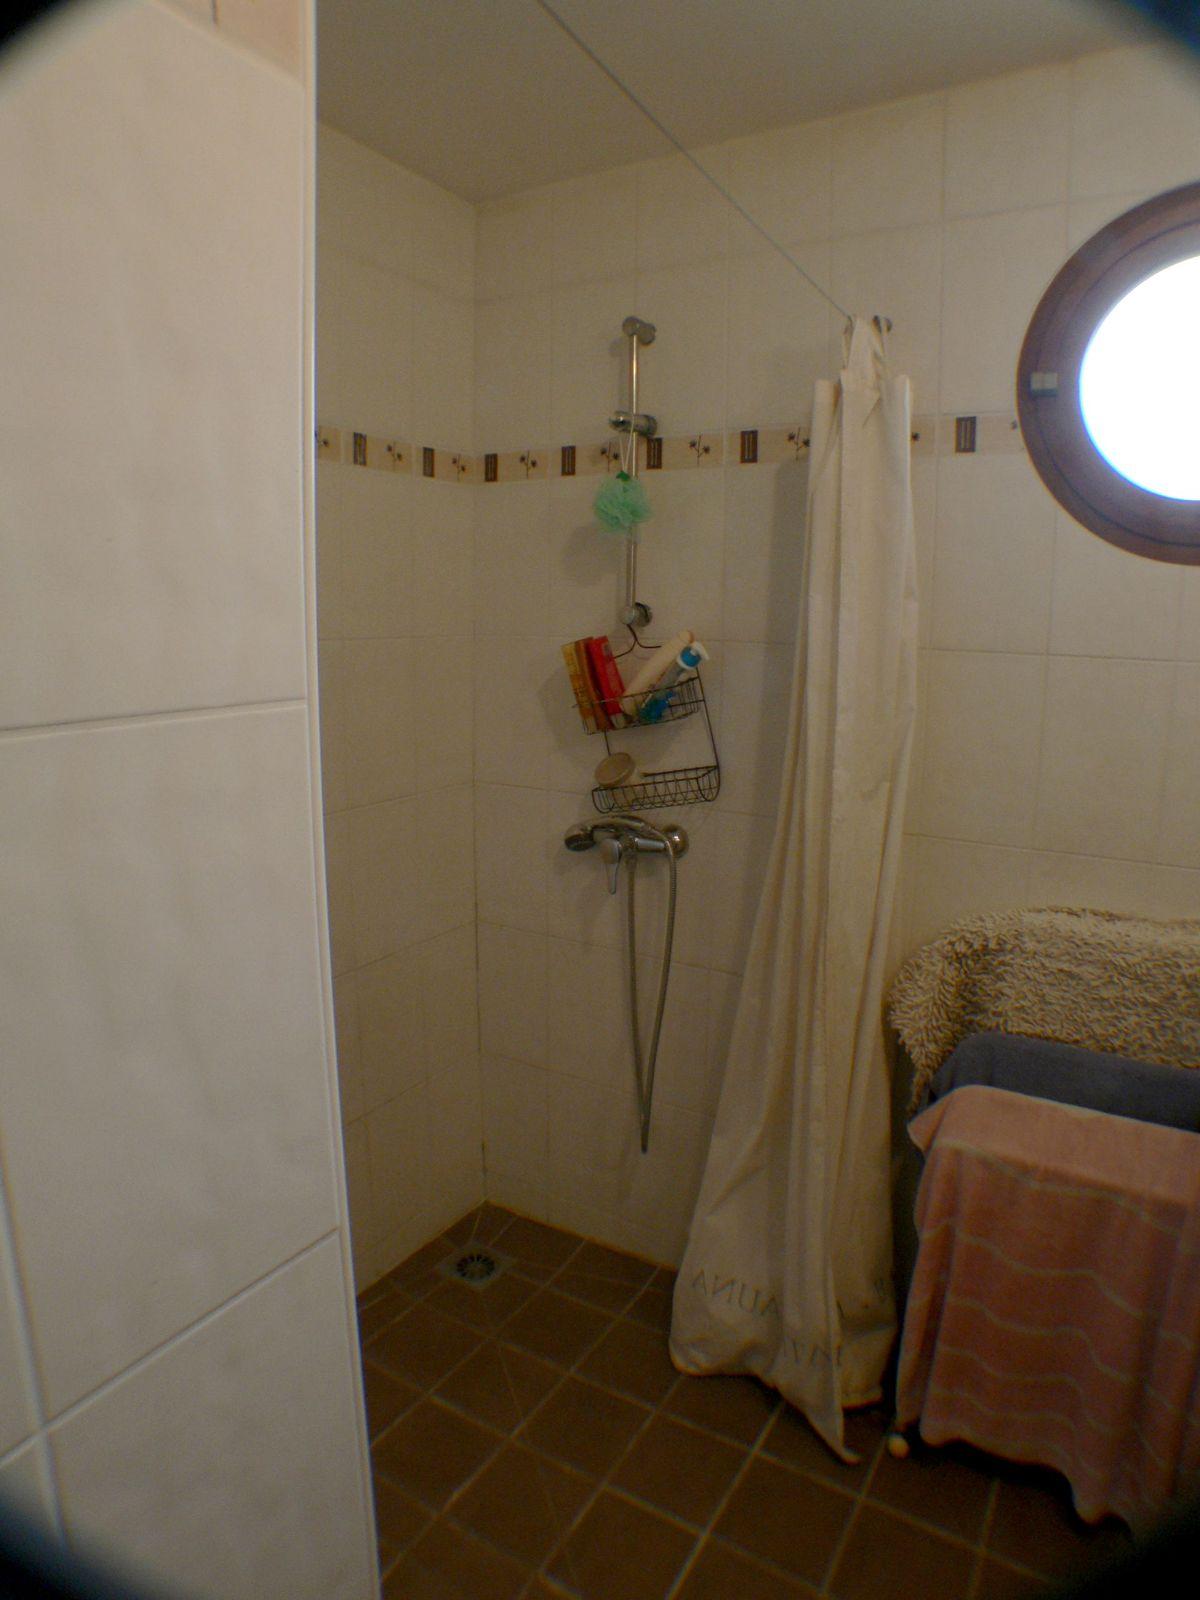 2009-11-16_ROULLET-Dch.Ita_Photos-02_1